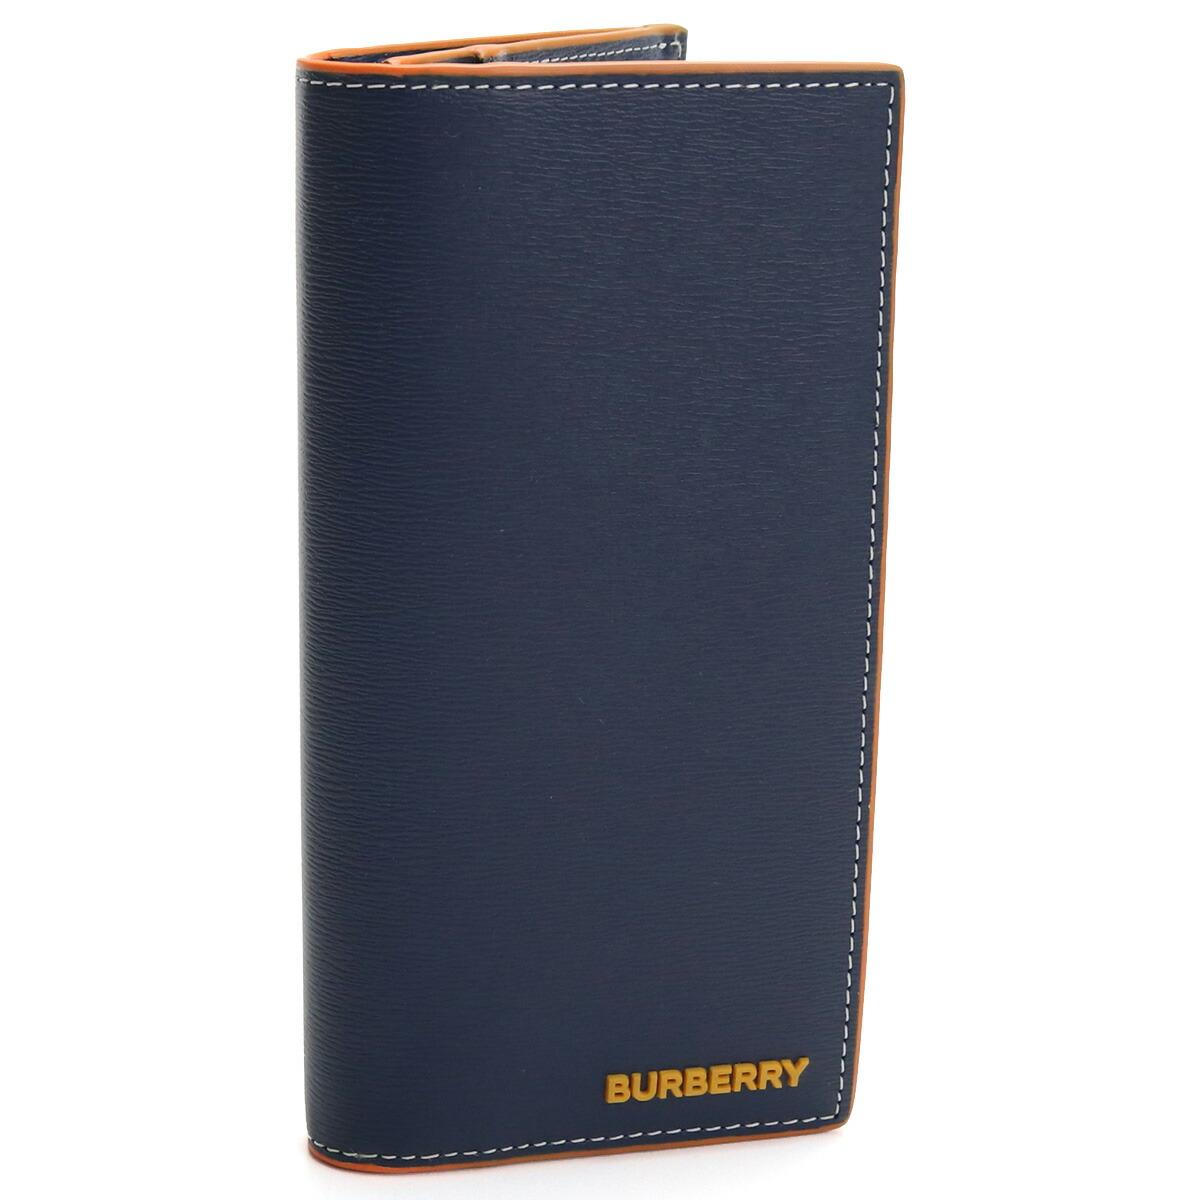 バーバリー BURBERRY 2つ折り長財布 小銭入れ付き 8030435 A1222 NAVY ネイビー系 メンズ